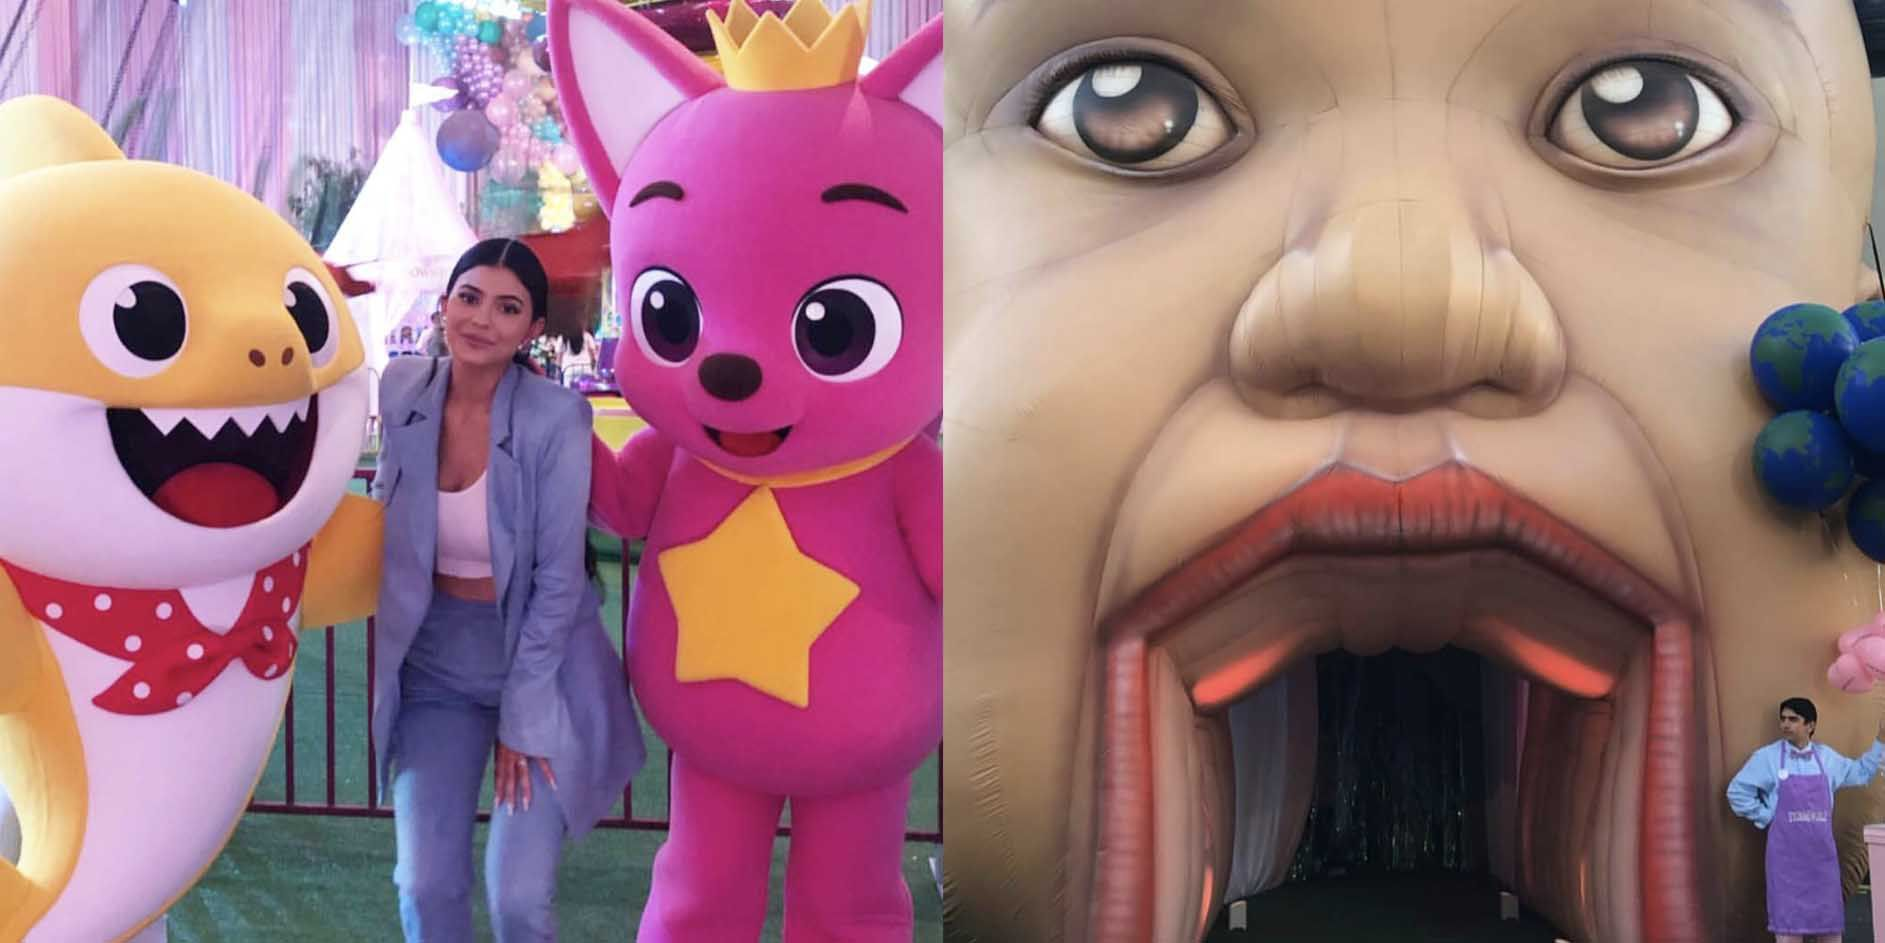 Kylie-Jenner-in-Stormi-için-Duzenledigi-Dogum-Gunu-Partisi